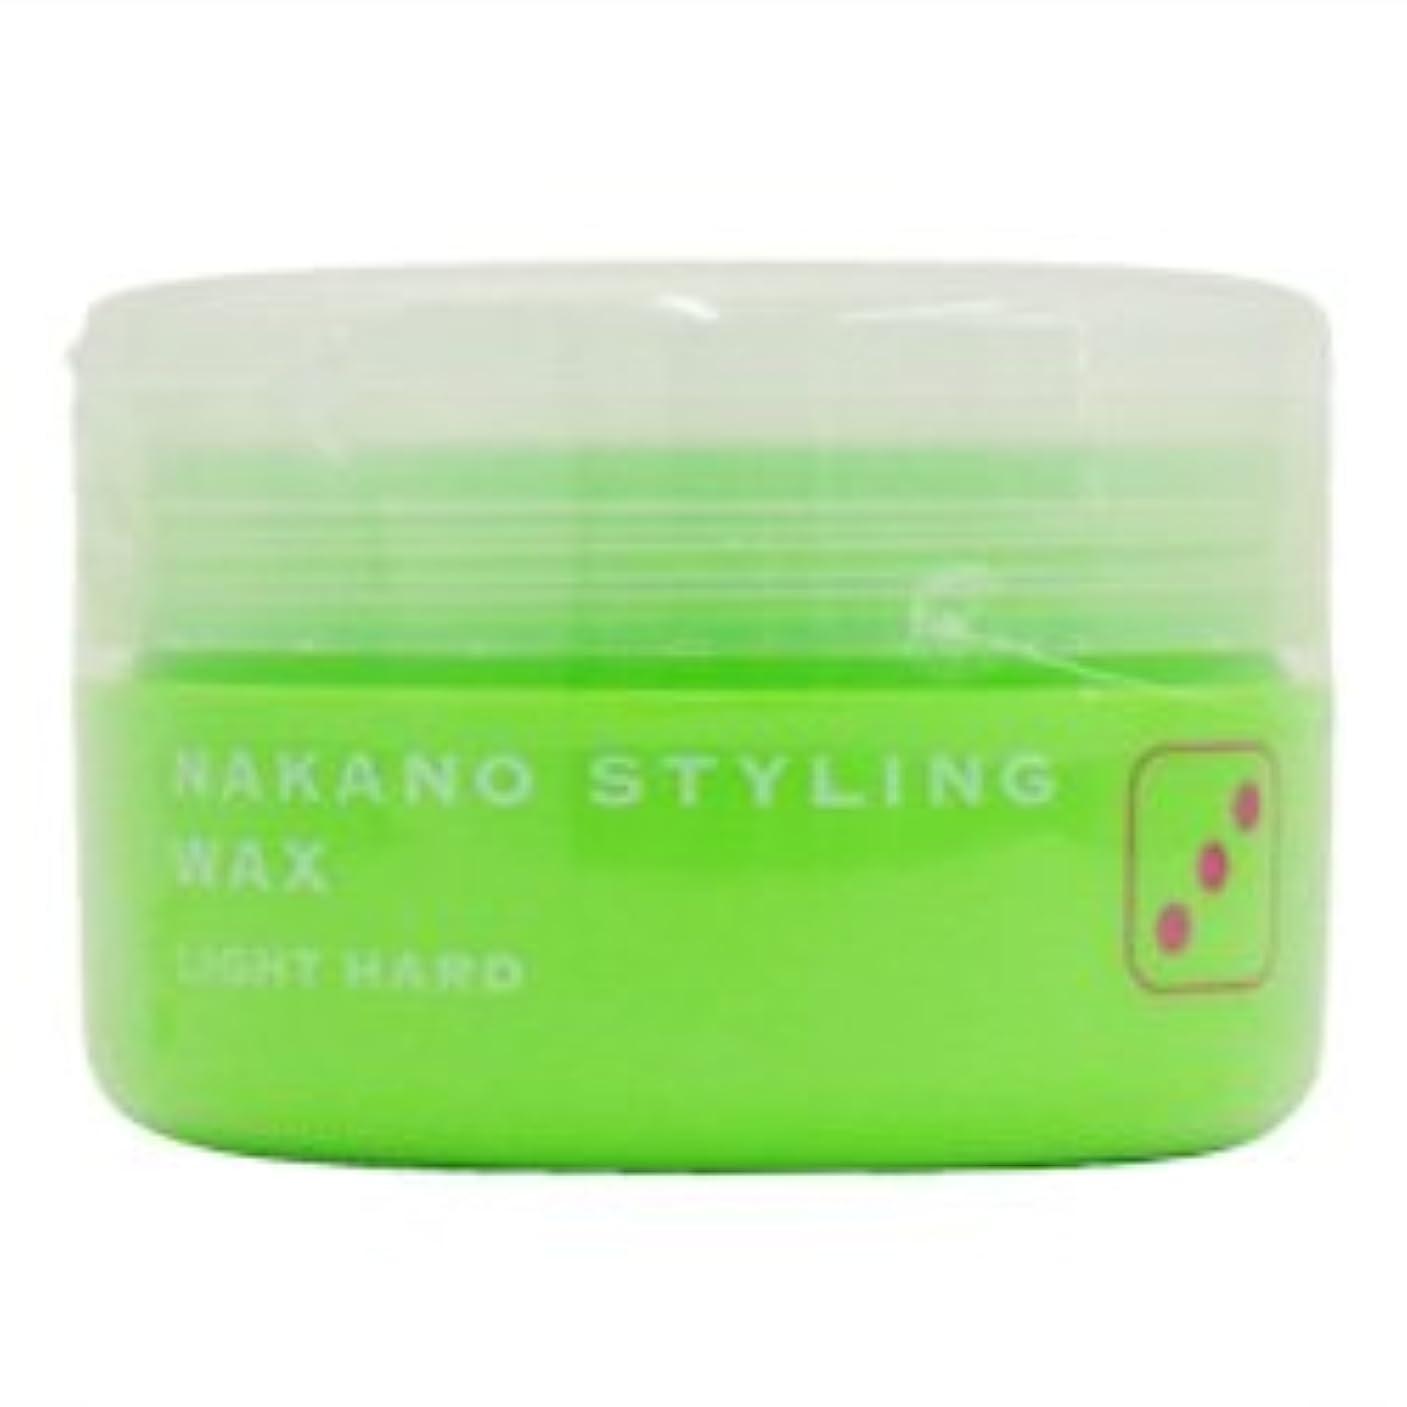 ナカノ スタイリングワックス 3 ライトハード 90g 中野製薬 NAKANO